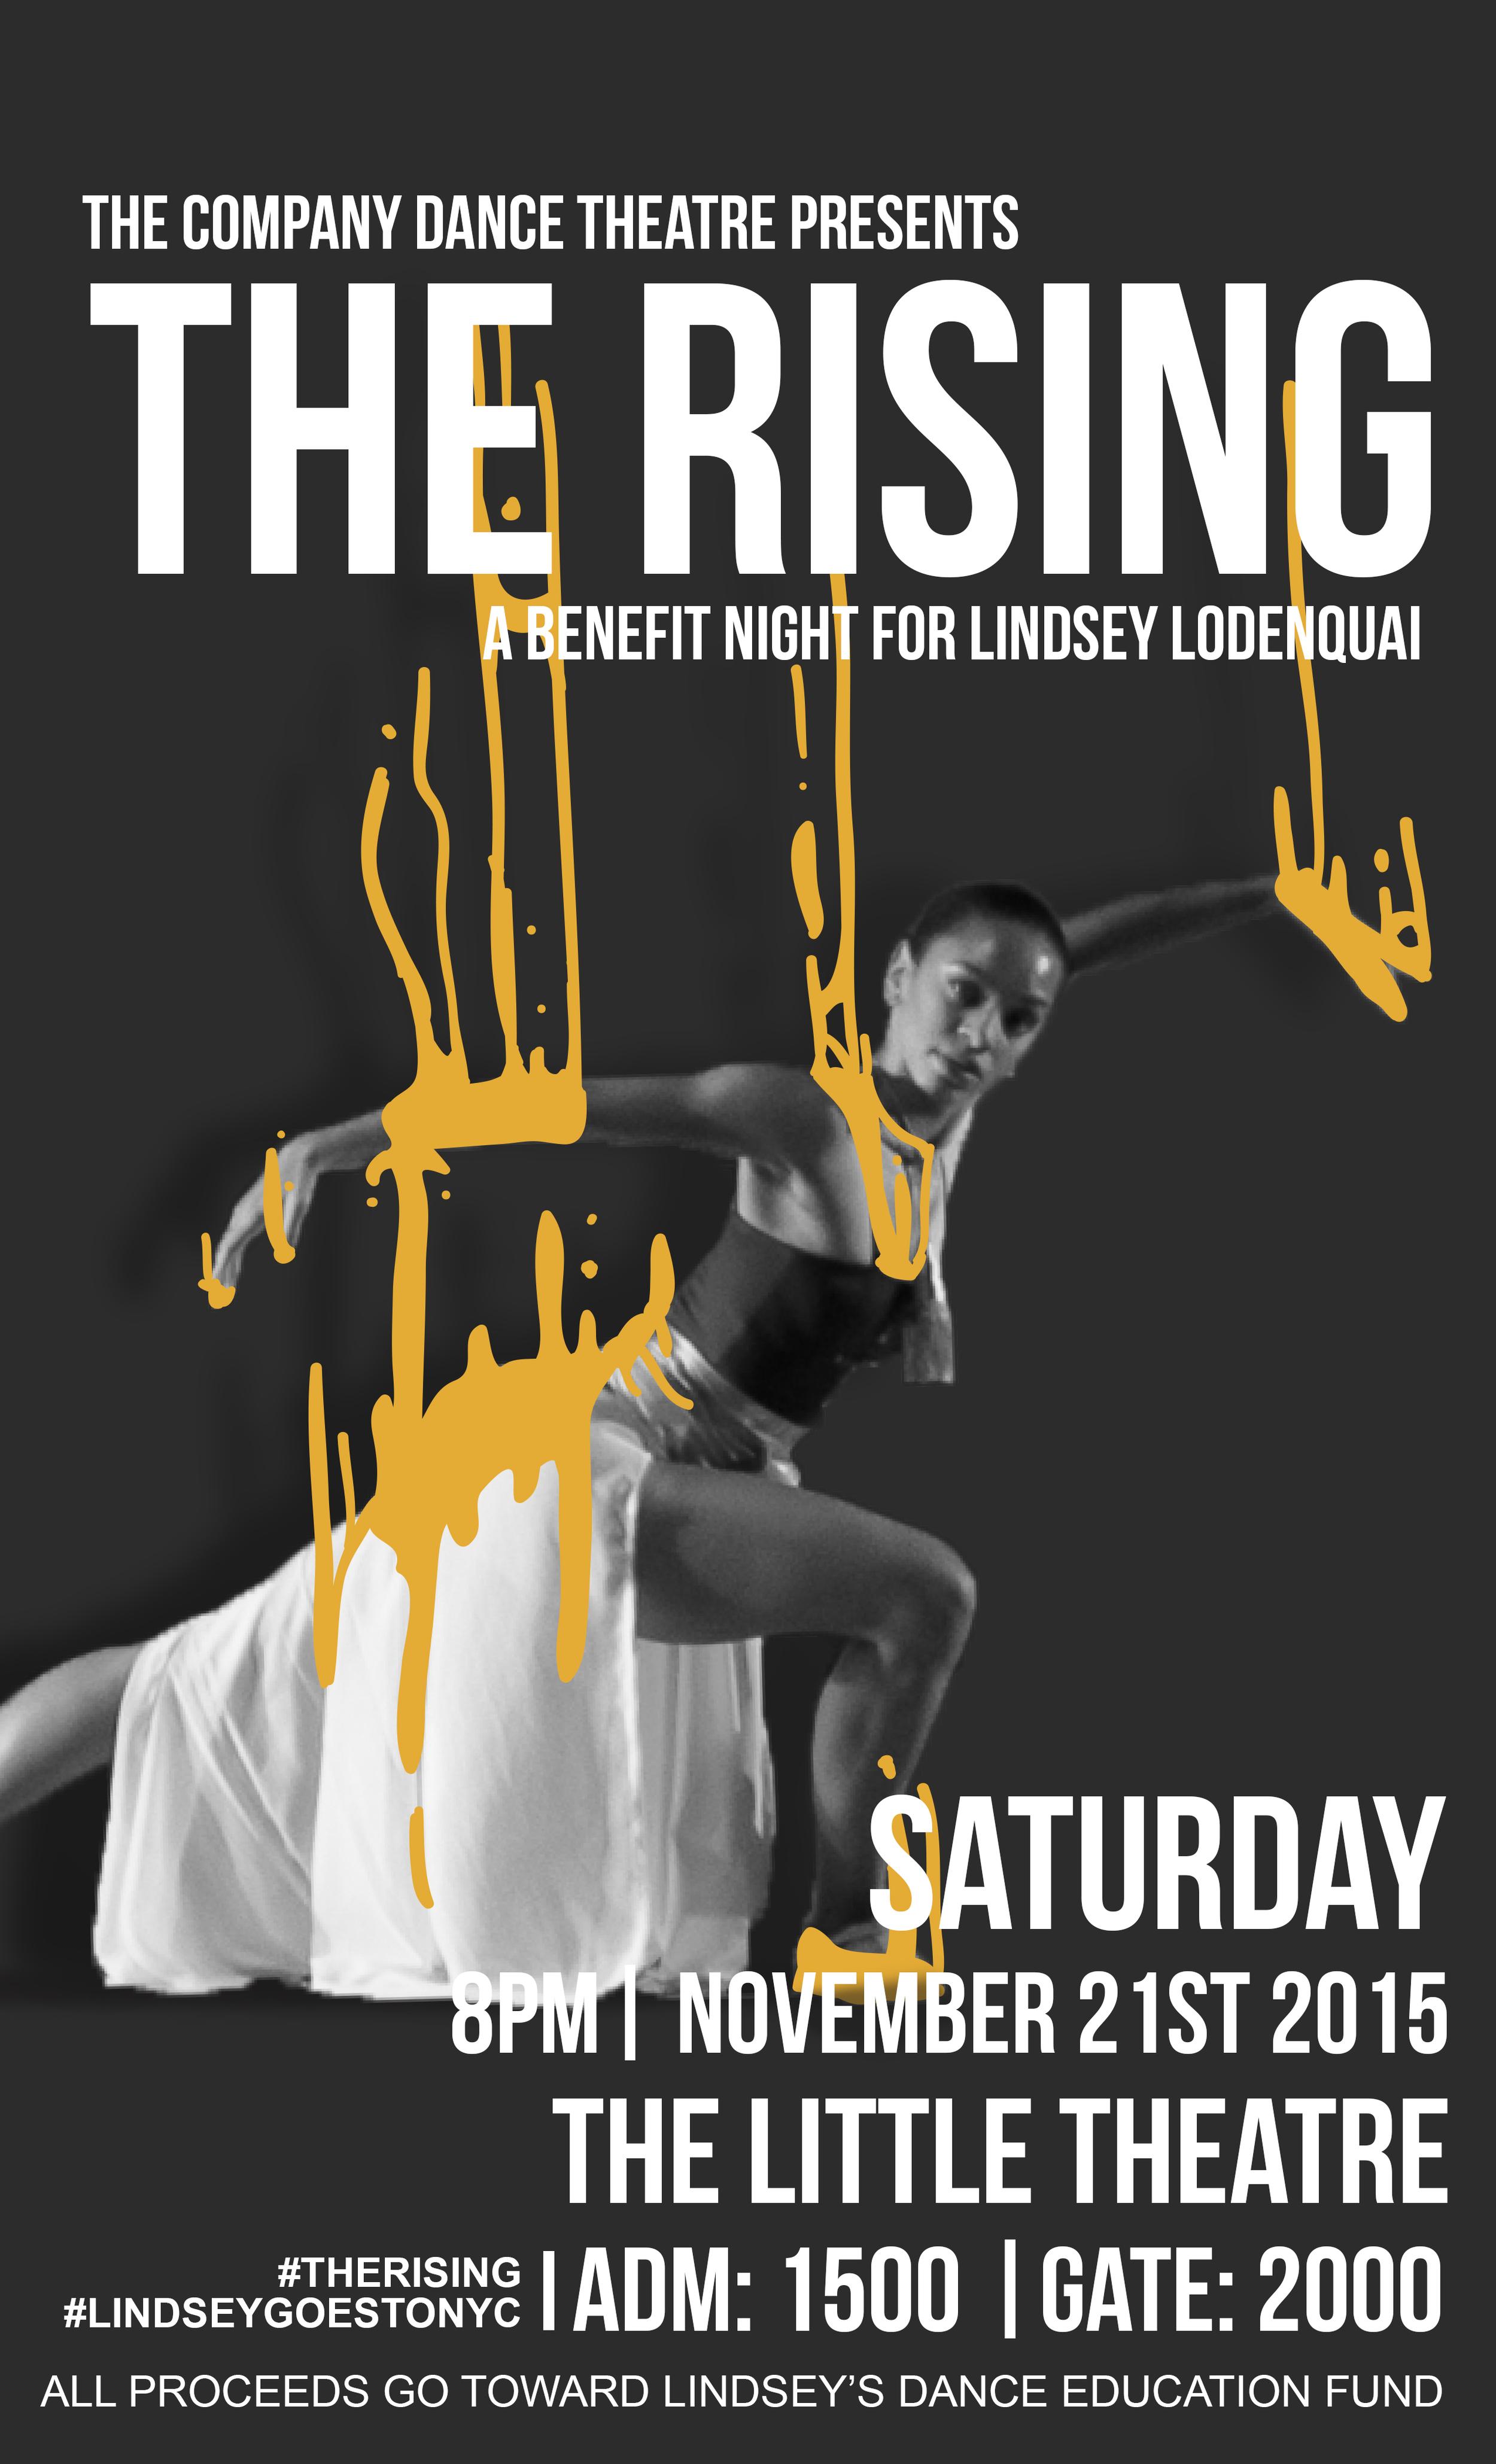 The-Rising-poster-1.jpg